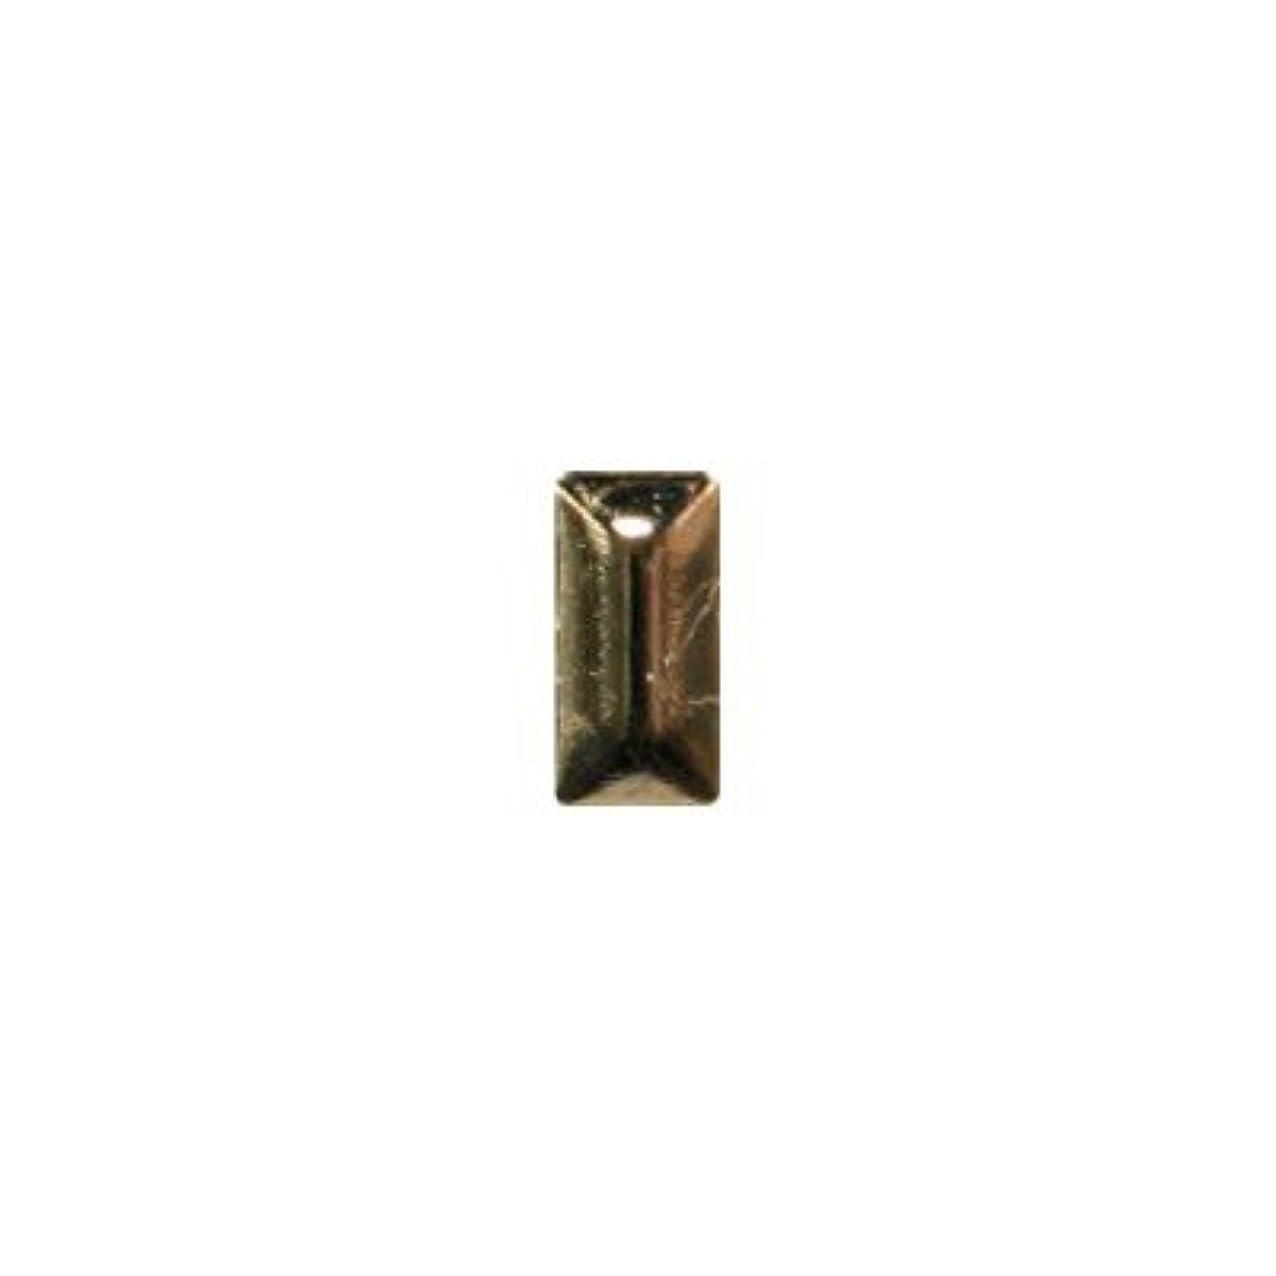 生産的警察署失礼ピアドラ スタッズ メタル長方形 2×4mm 50P ゴールド